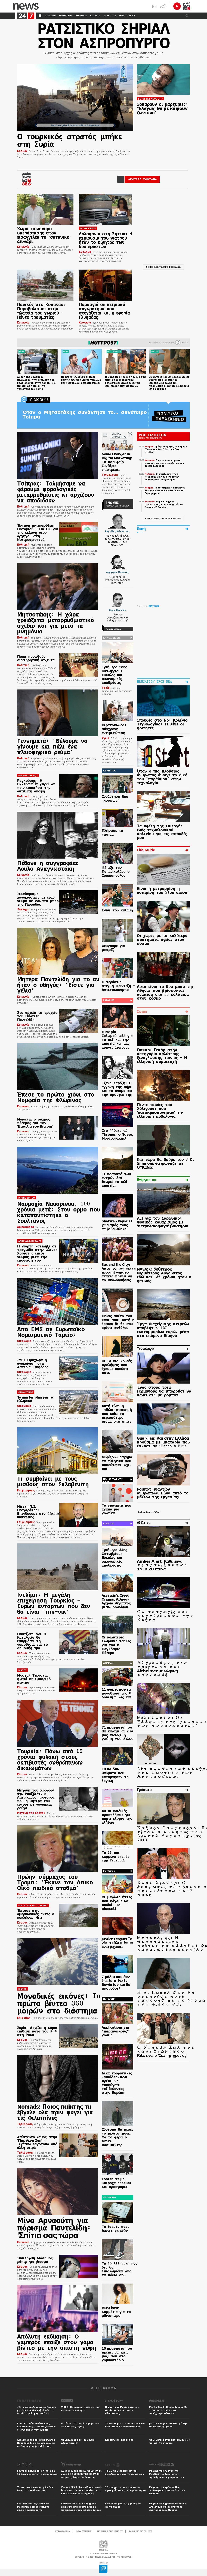 News 247 at Sunday Oct. 8, 2017, 8:07 p.m. UTC